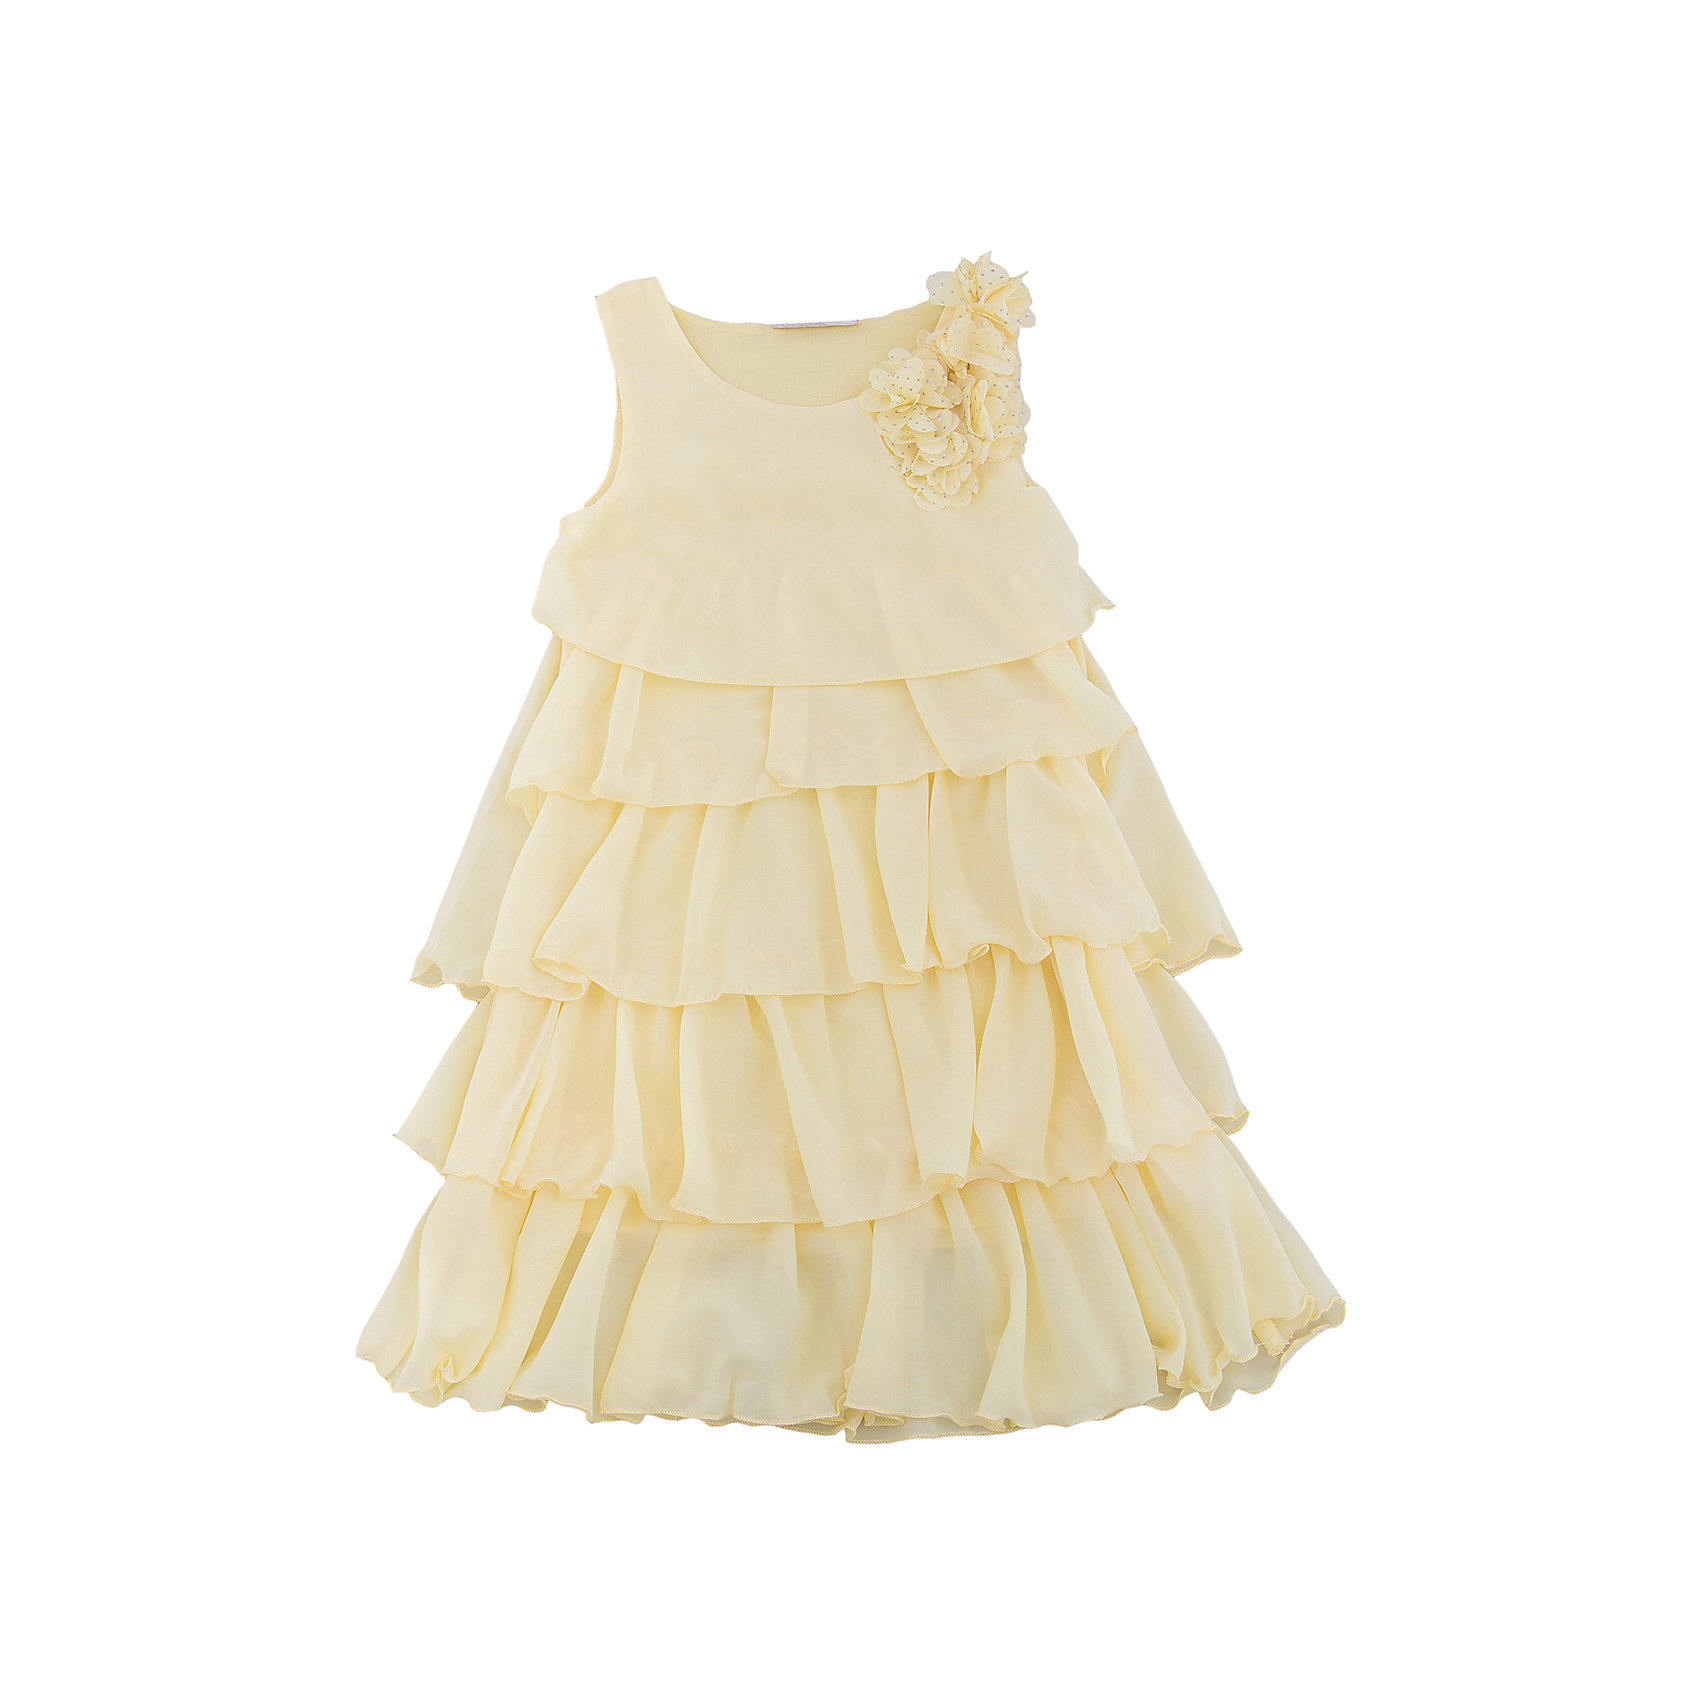 Платье для девочки Sweet BerryОдежда<br>Стильное платье для девочки из многослойной ткани. Лиф платья декорирован цветами. Свободный крой.<br>Состав:<br>Верх: 100% полиэстер, Подкладка: 100%хлопок<br><br>Ширина мм: 236<br>Глубина мм: 16<br>Высота мм: 184<br>Вес г: 177<br>Цвет: желтый<br>Возраст от месяцев: 36<br>Возраст до месяцев: 48<br>Пол: Женский<br>Возраст: Детский<br>Размер: 104,98,110,116,122,128<br>SKU: 5412717